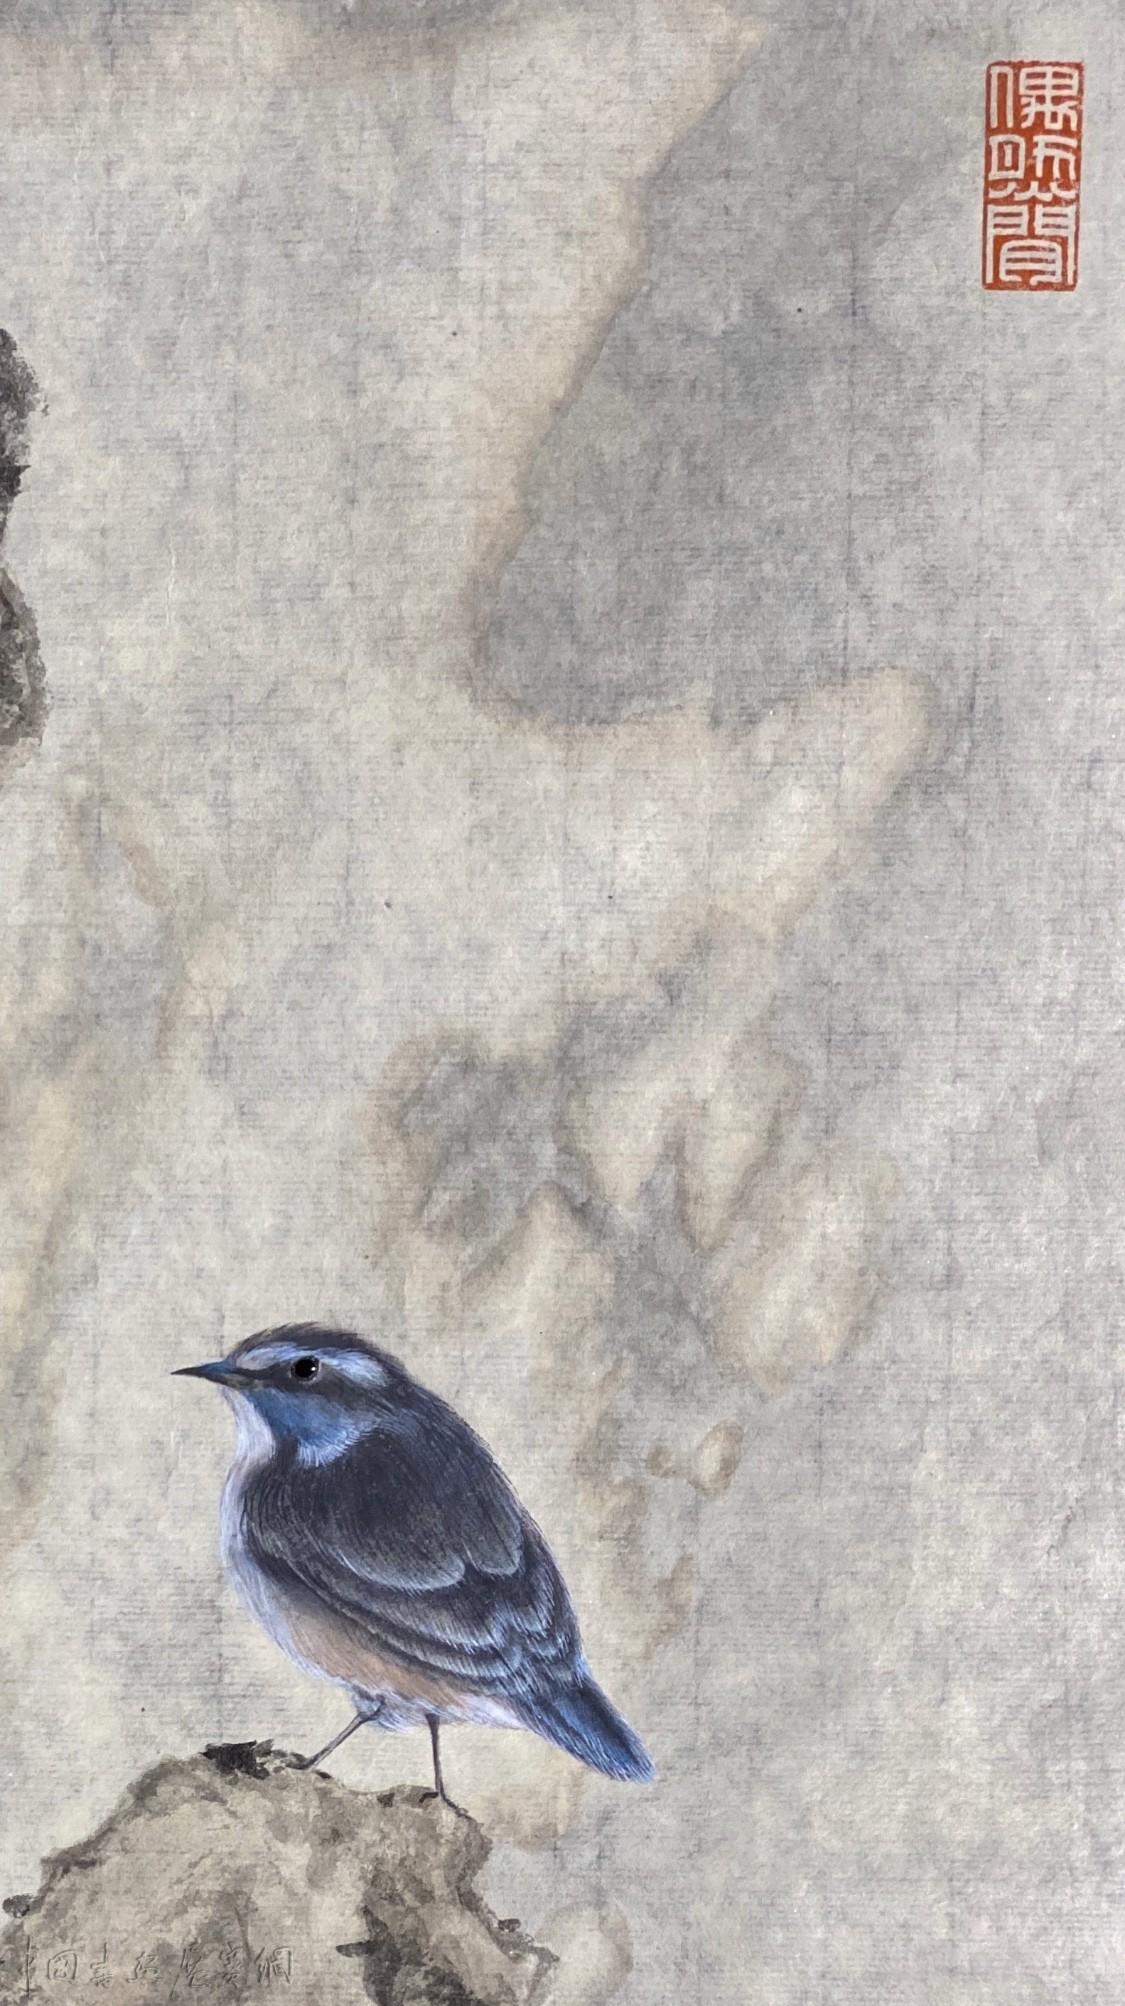 """当传统大漆与画作相遇,董其昌书画博物馆呈现""""偶然间"""""""